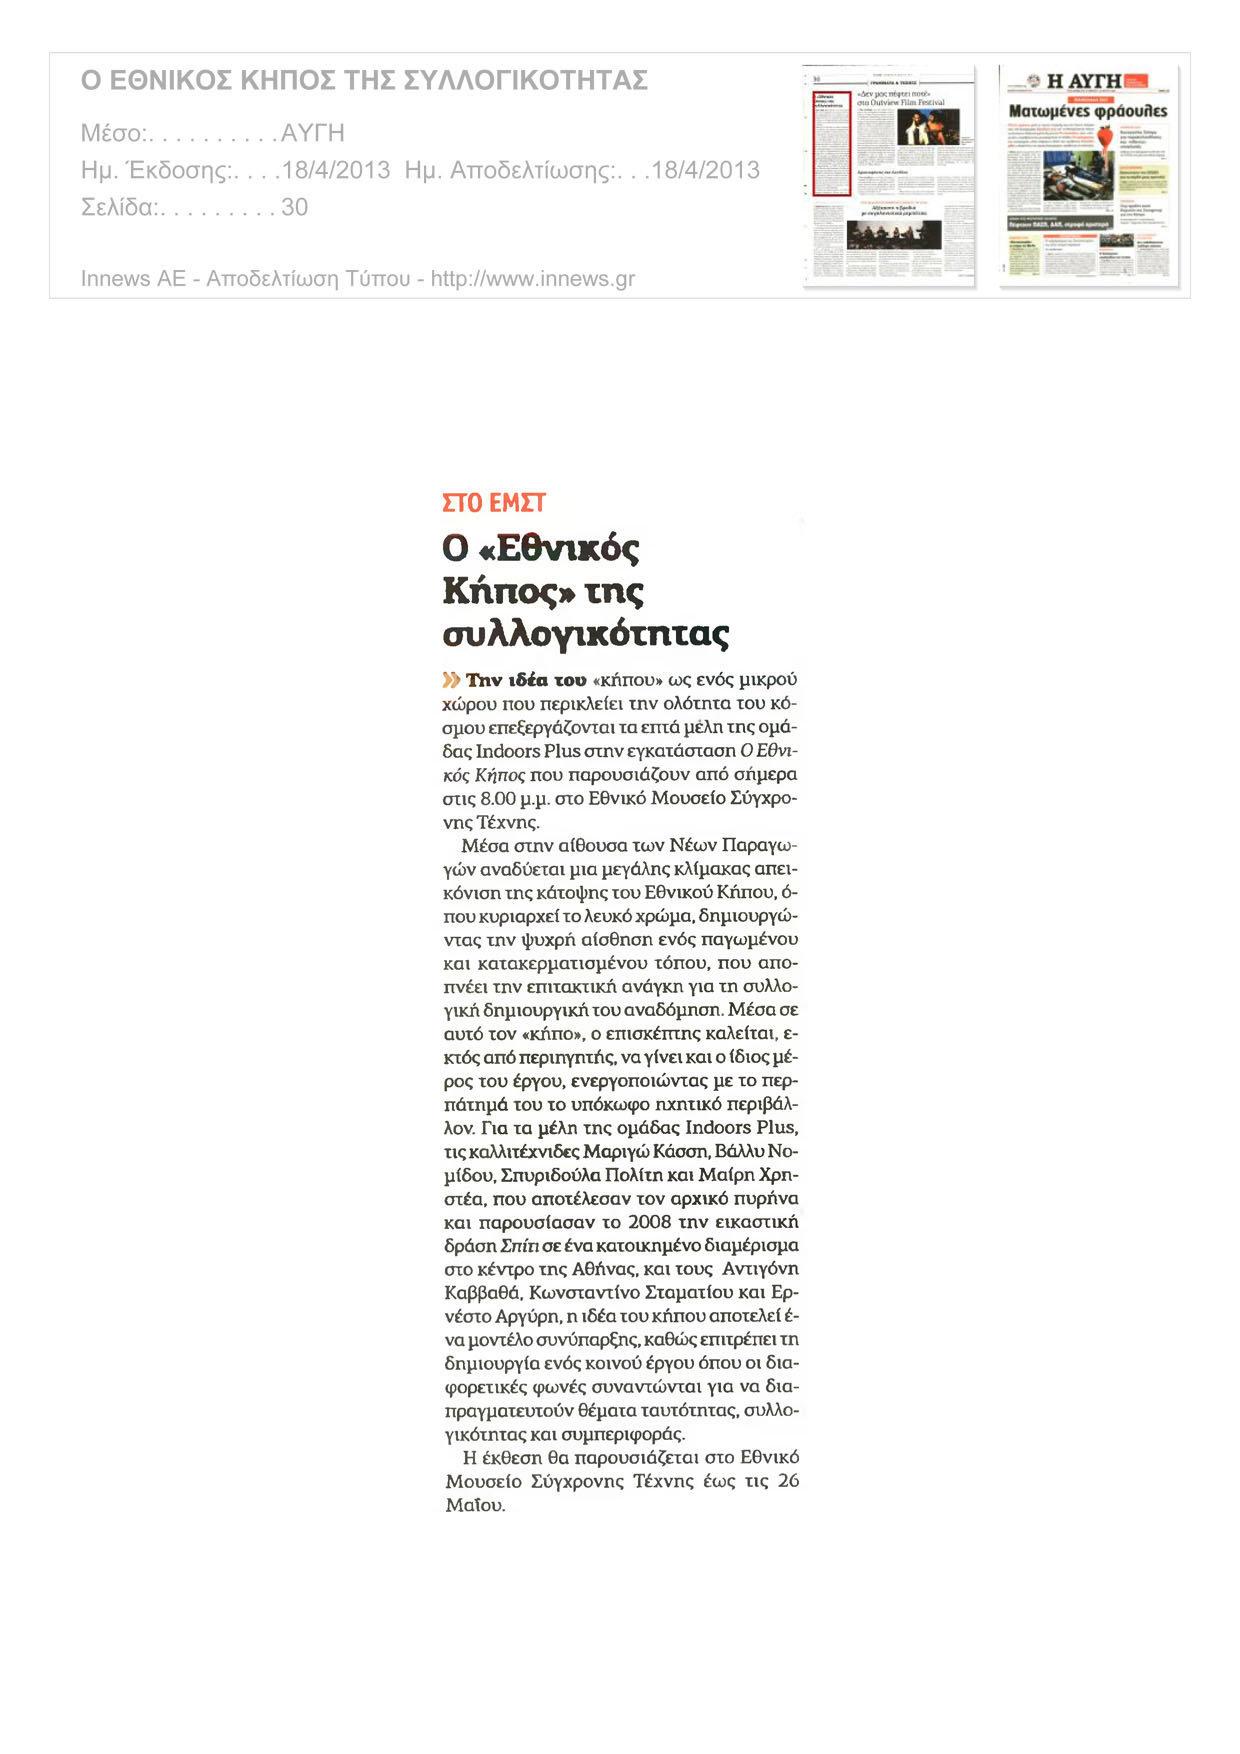 Αυγη_ 18-4-2013 copy.jpg